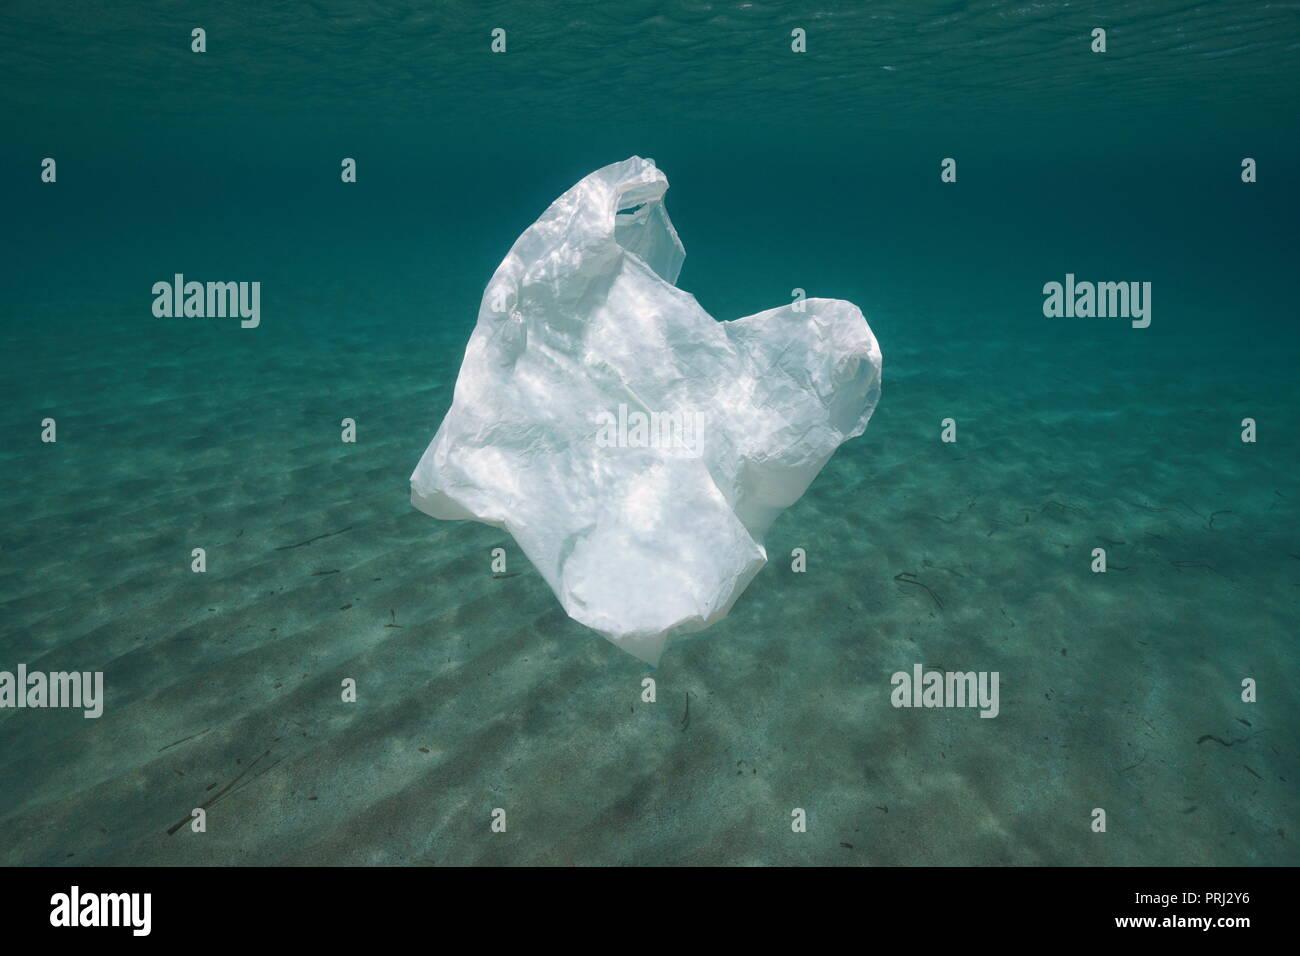 Inquinamento di plastica subacquea, un sacchetto alla deriva nell'oceano Immagini Stock